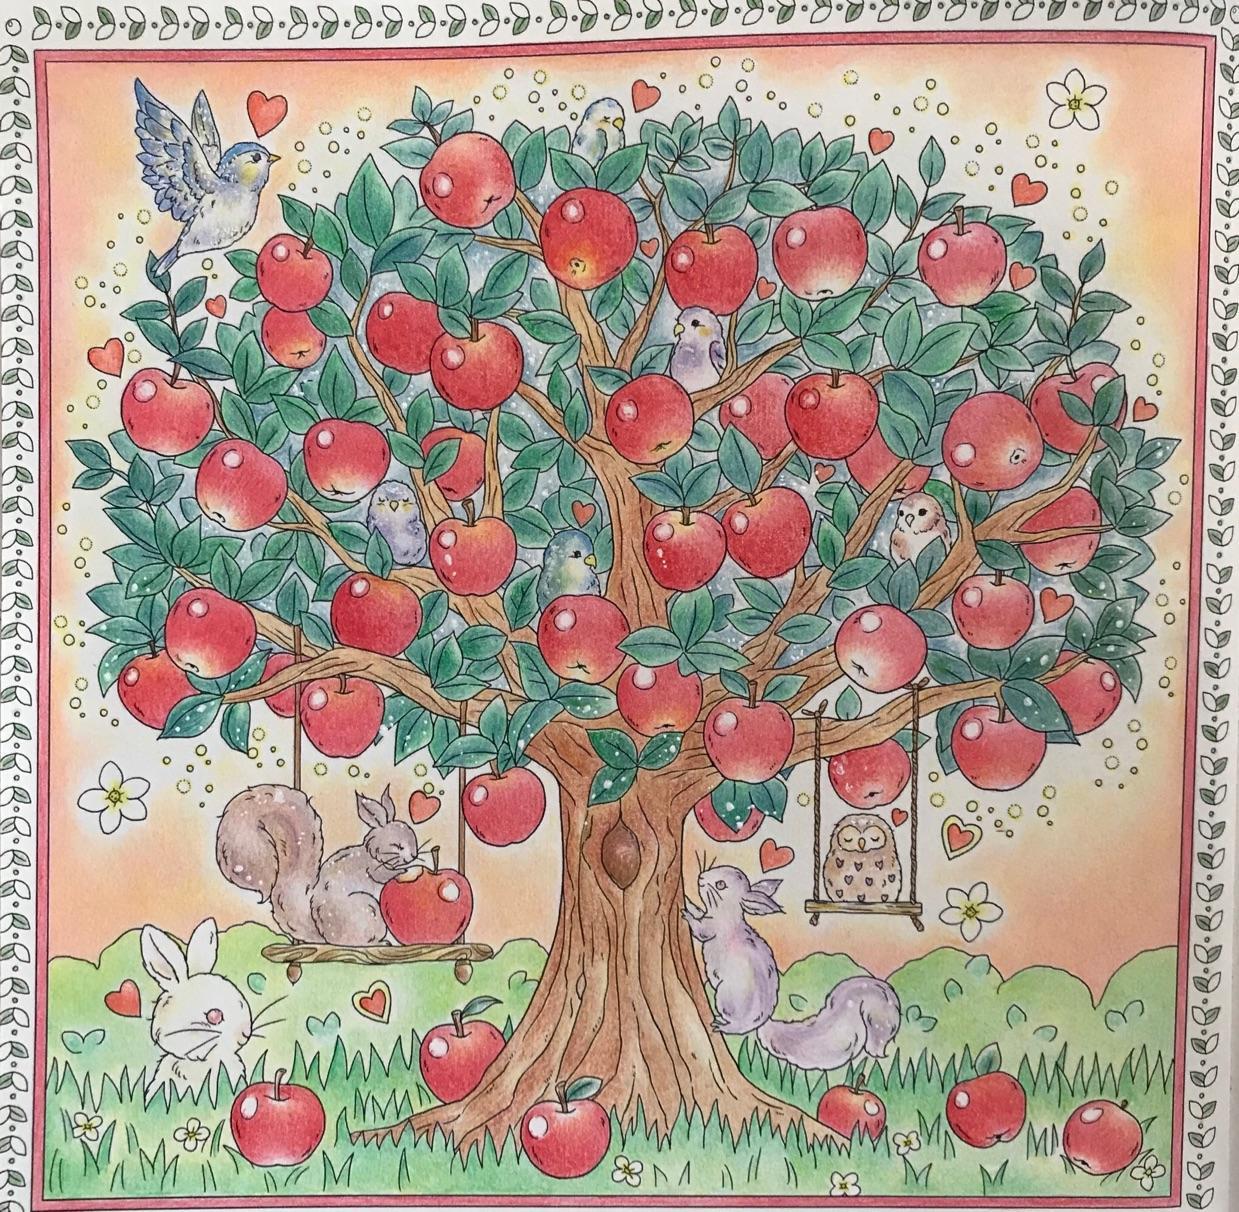 コロリアージュ137 気ままにコロリアージュ 大人の塗り絵と子育て日記